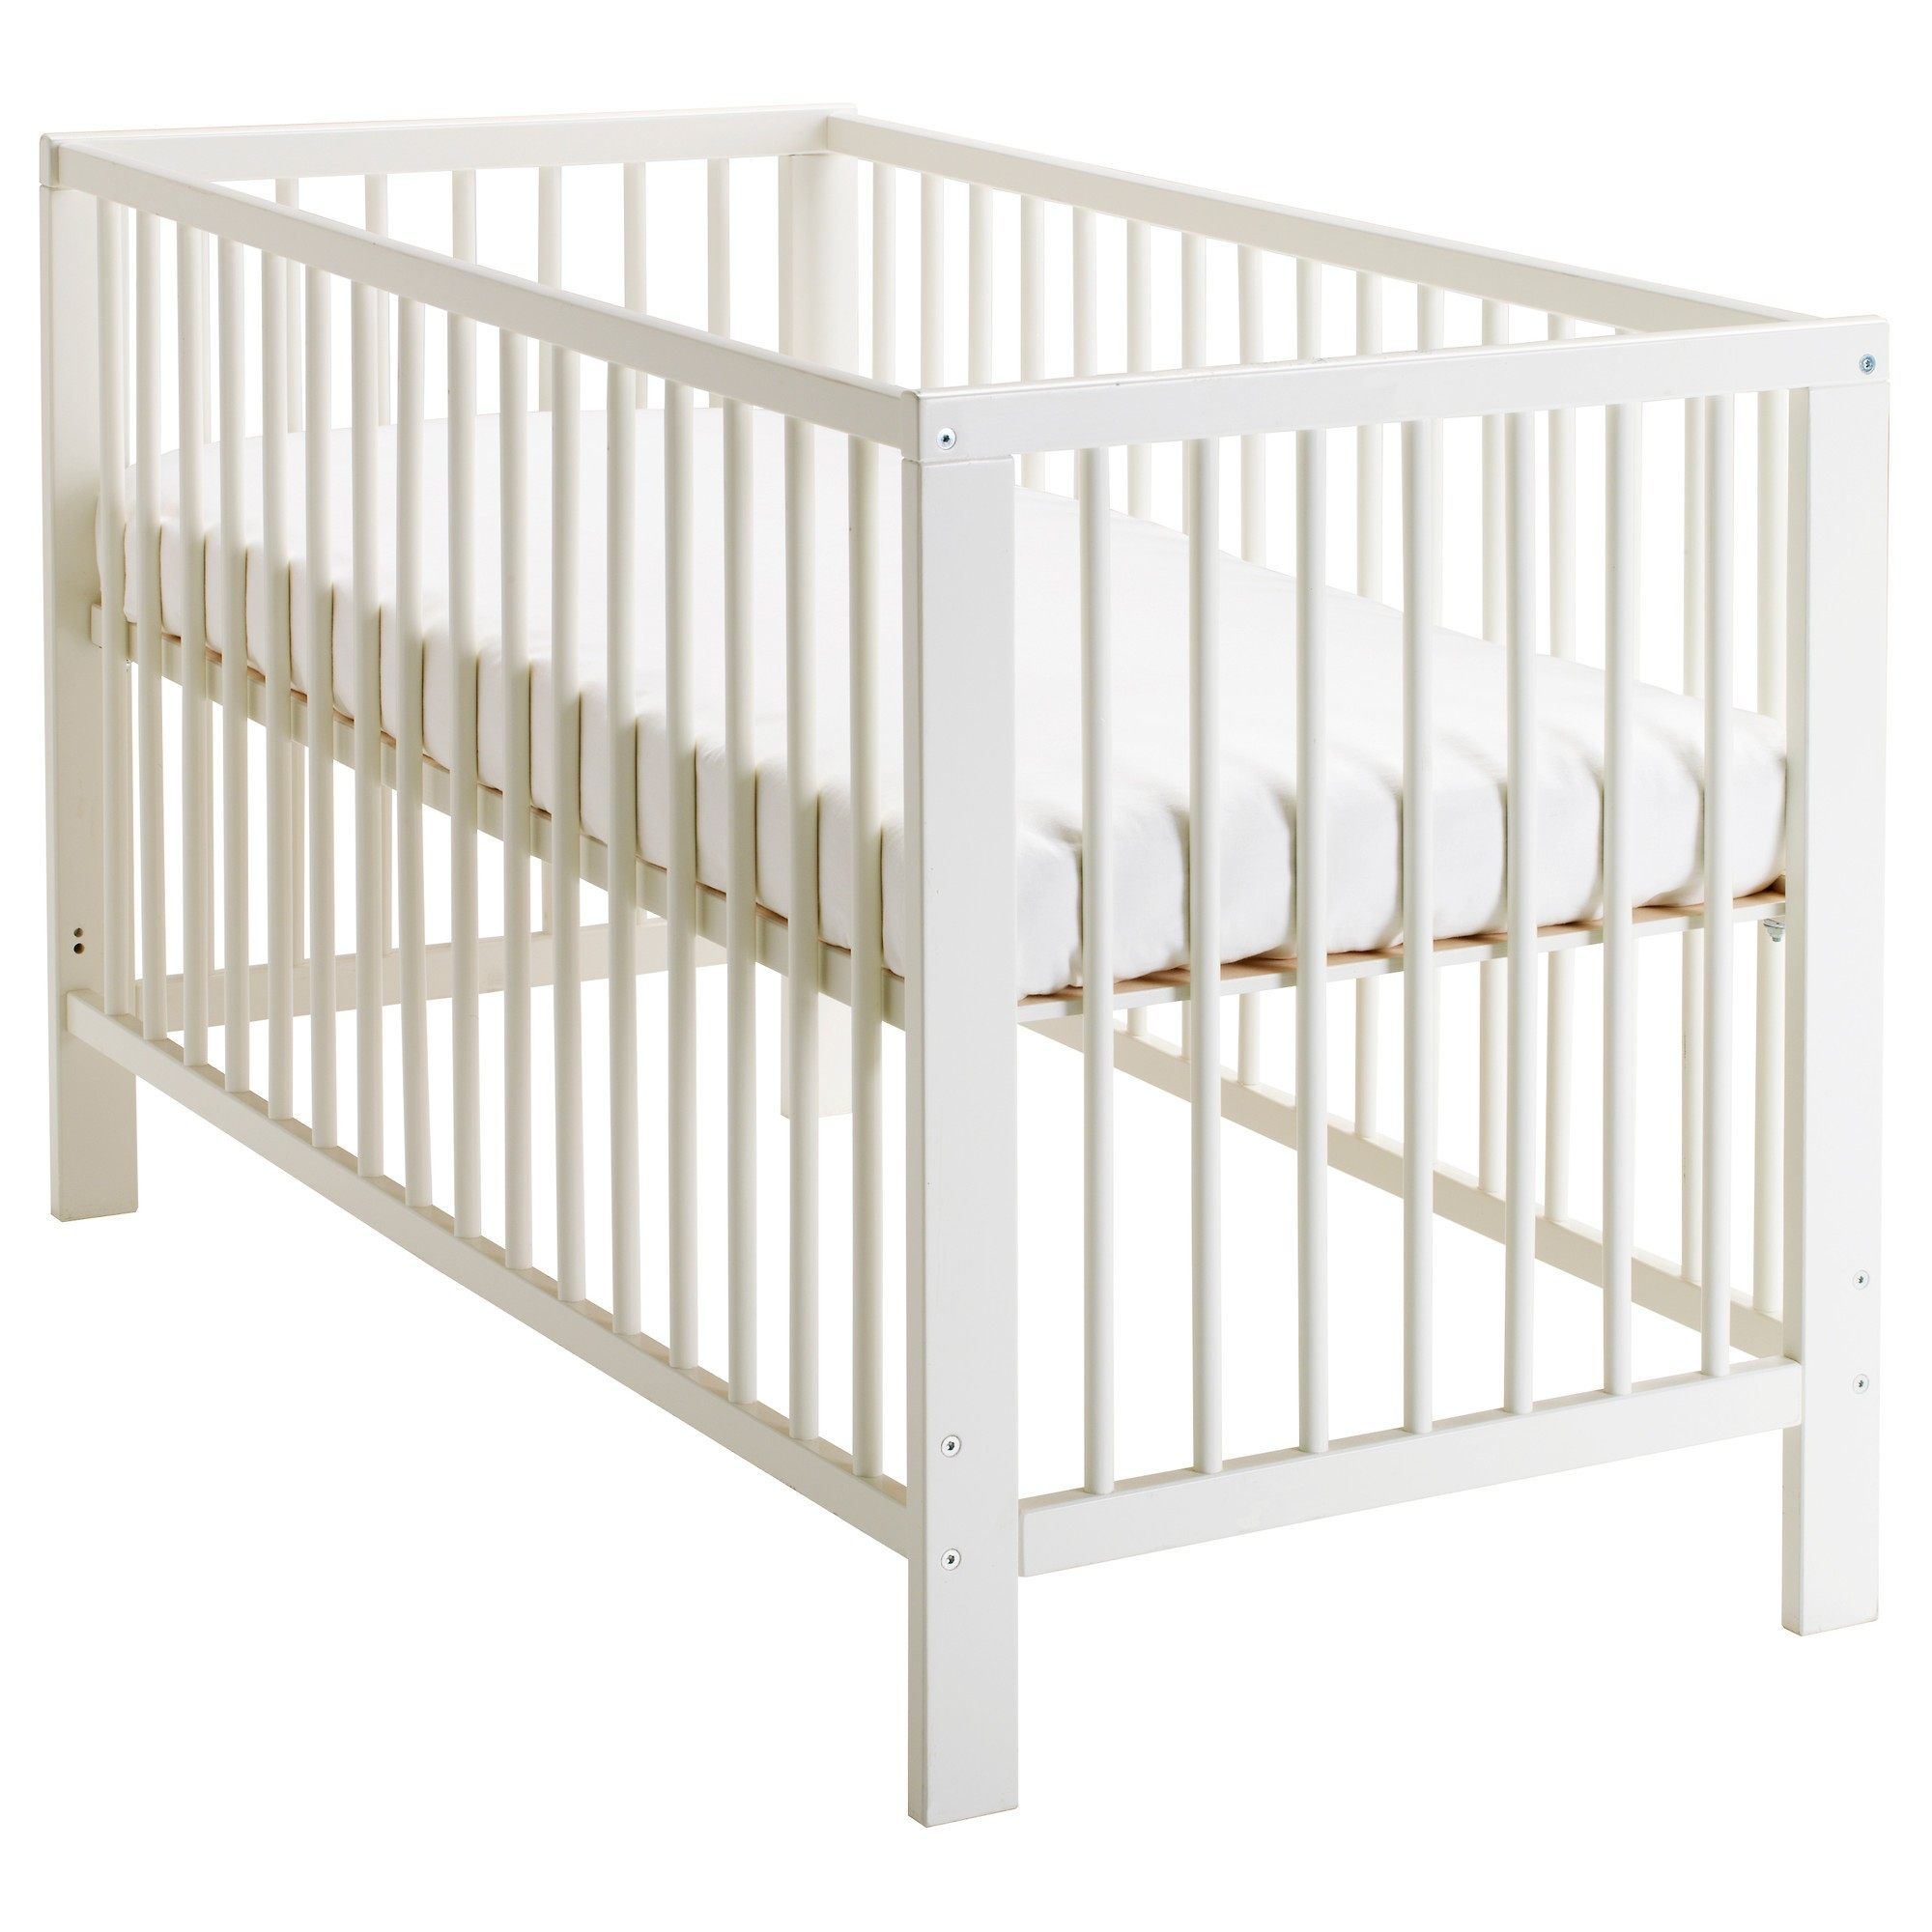 Lit Bébé à Barreaux Le Luxe Chambre Bébé Montessori – Appiar